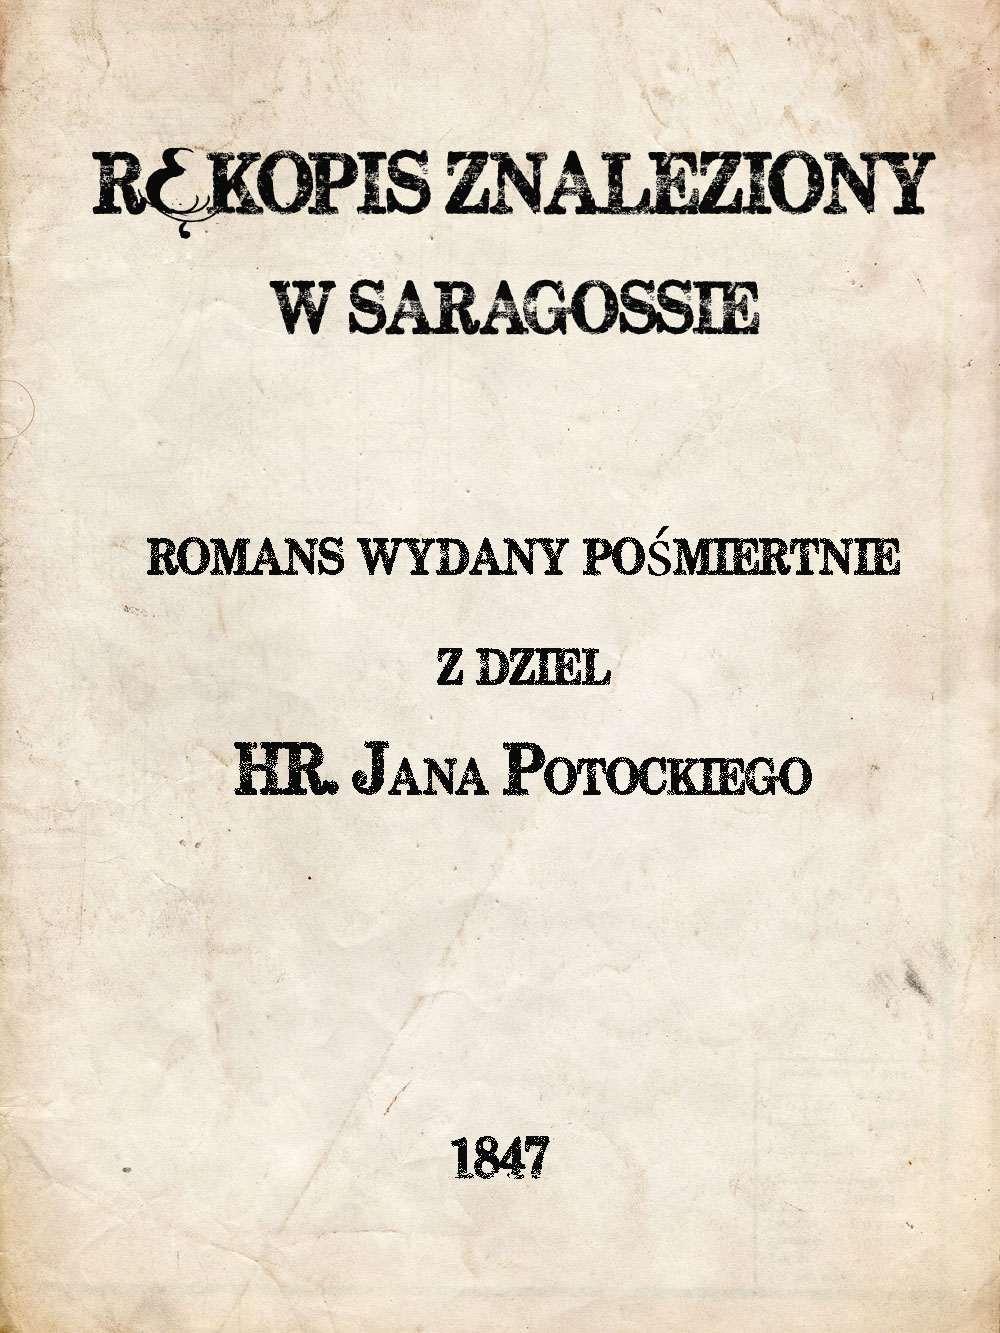 Rękopis znaleziony w Saragossie - Ebook (Książka EPUB) do pobrania w formacie EPUB